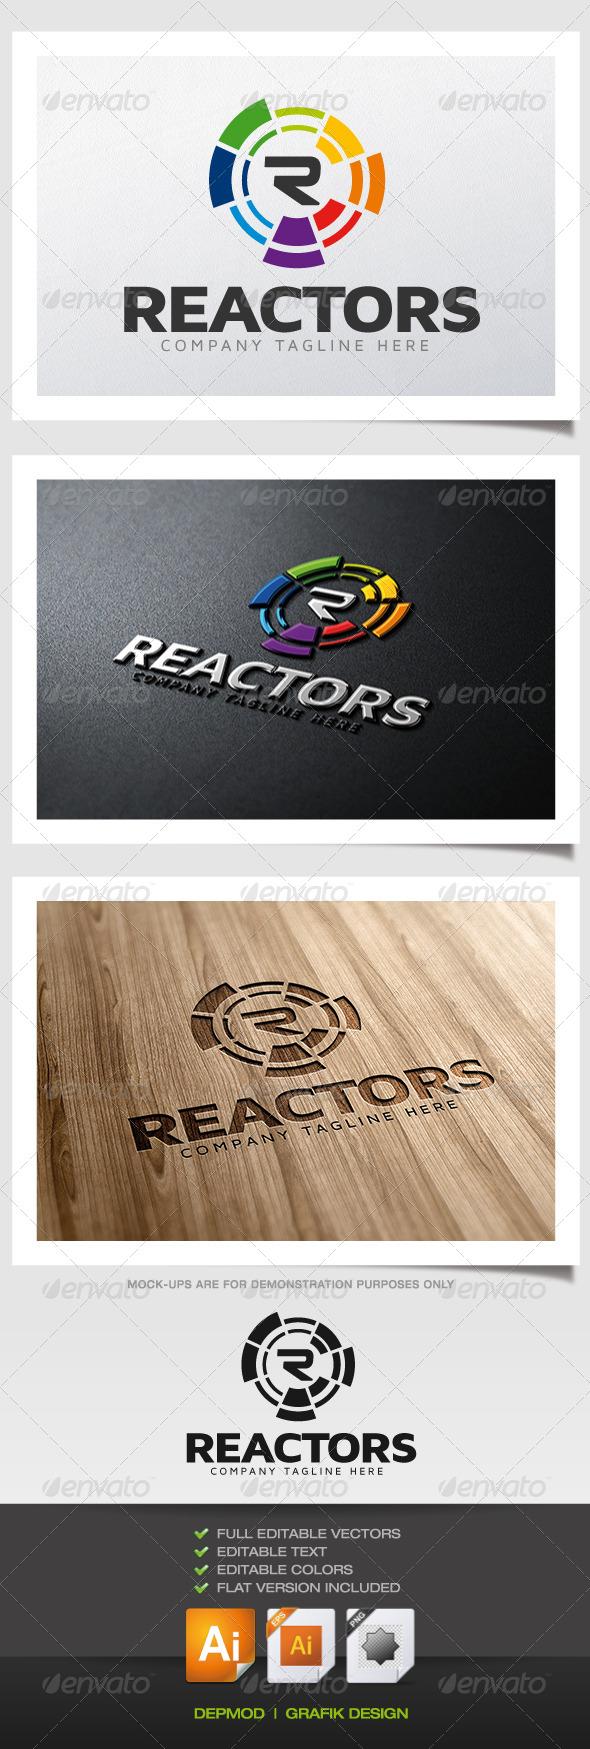 Reactors Logo